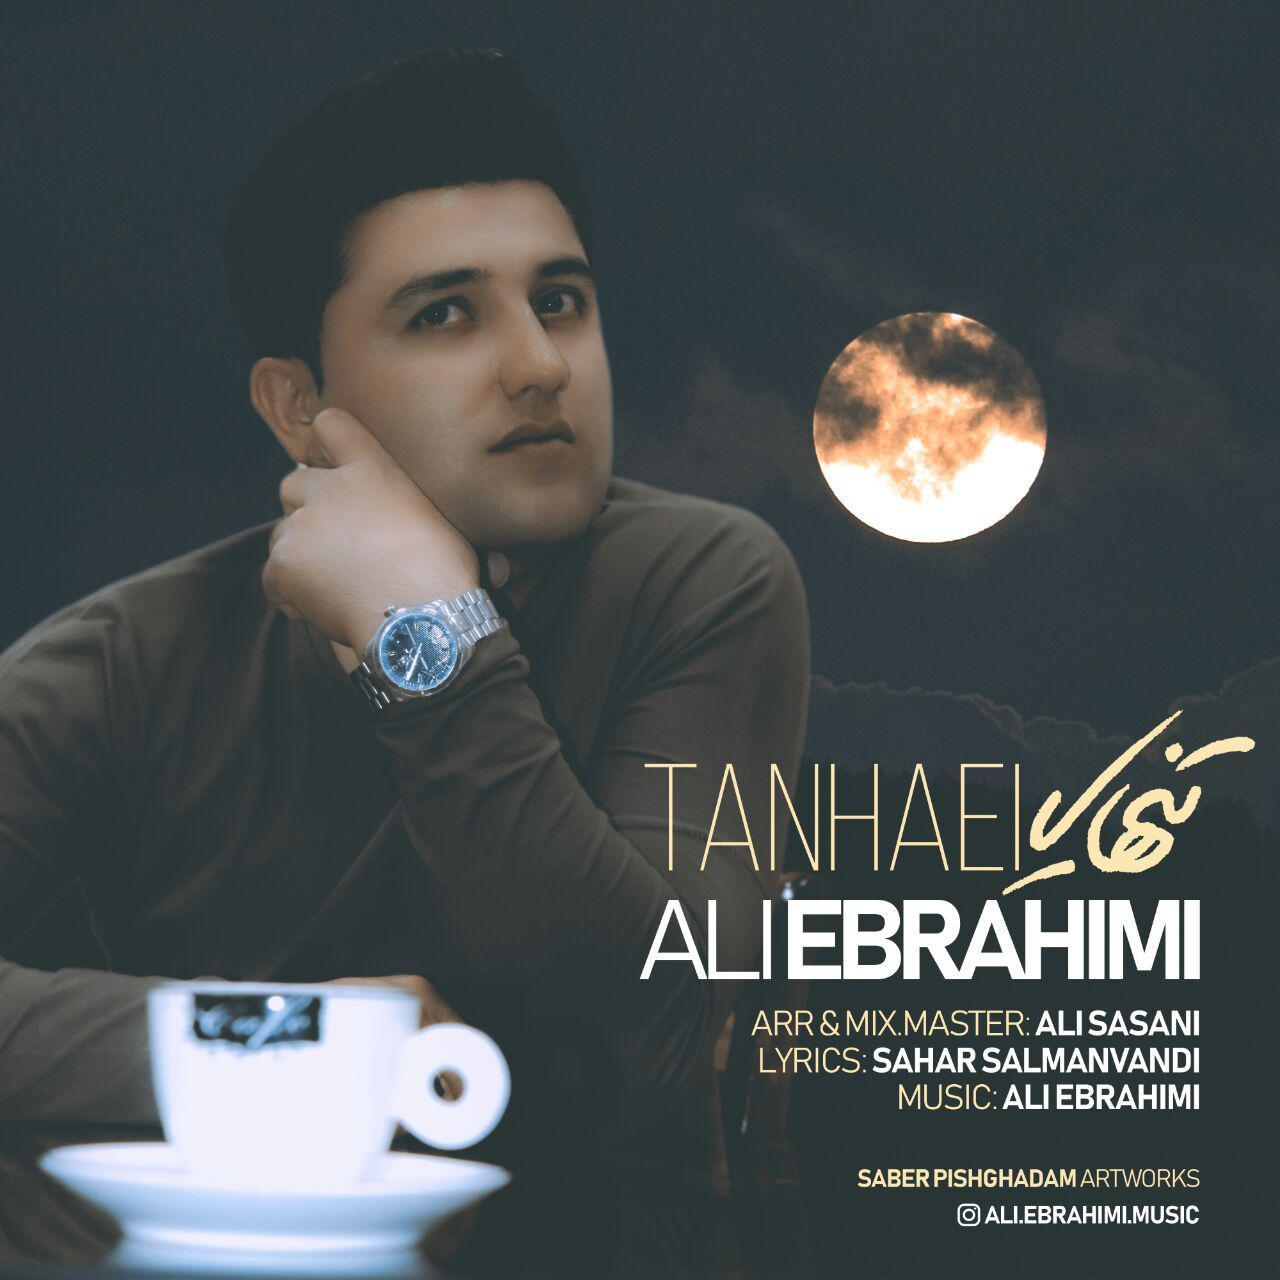 دانلود آهنگ جدید علی ابراهیمی بنام تنهایی